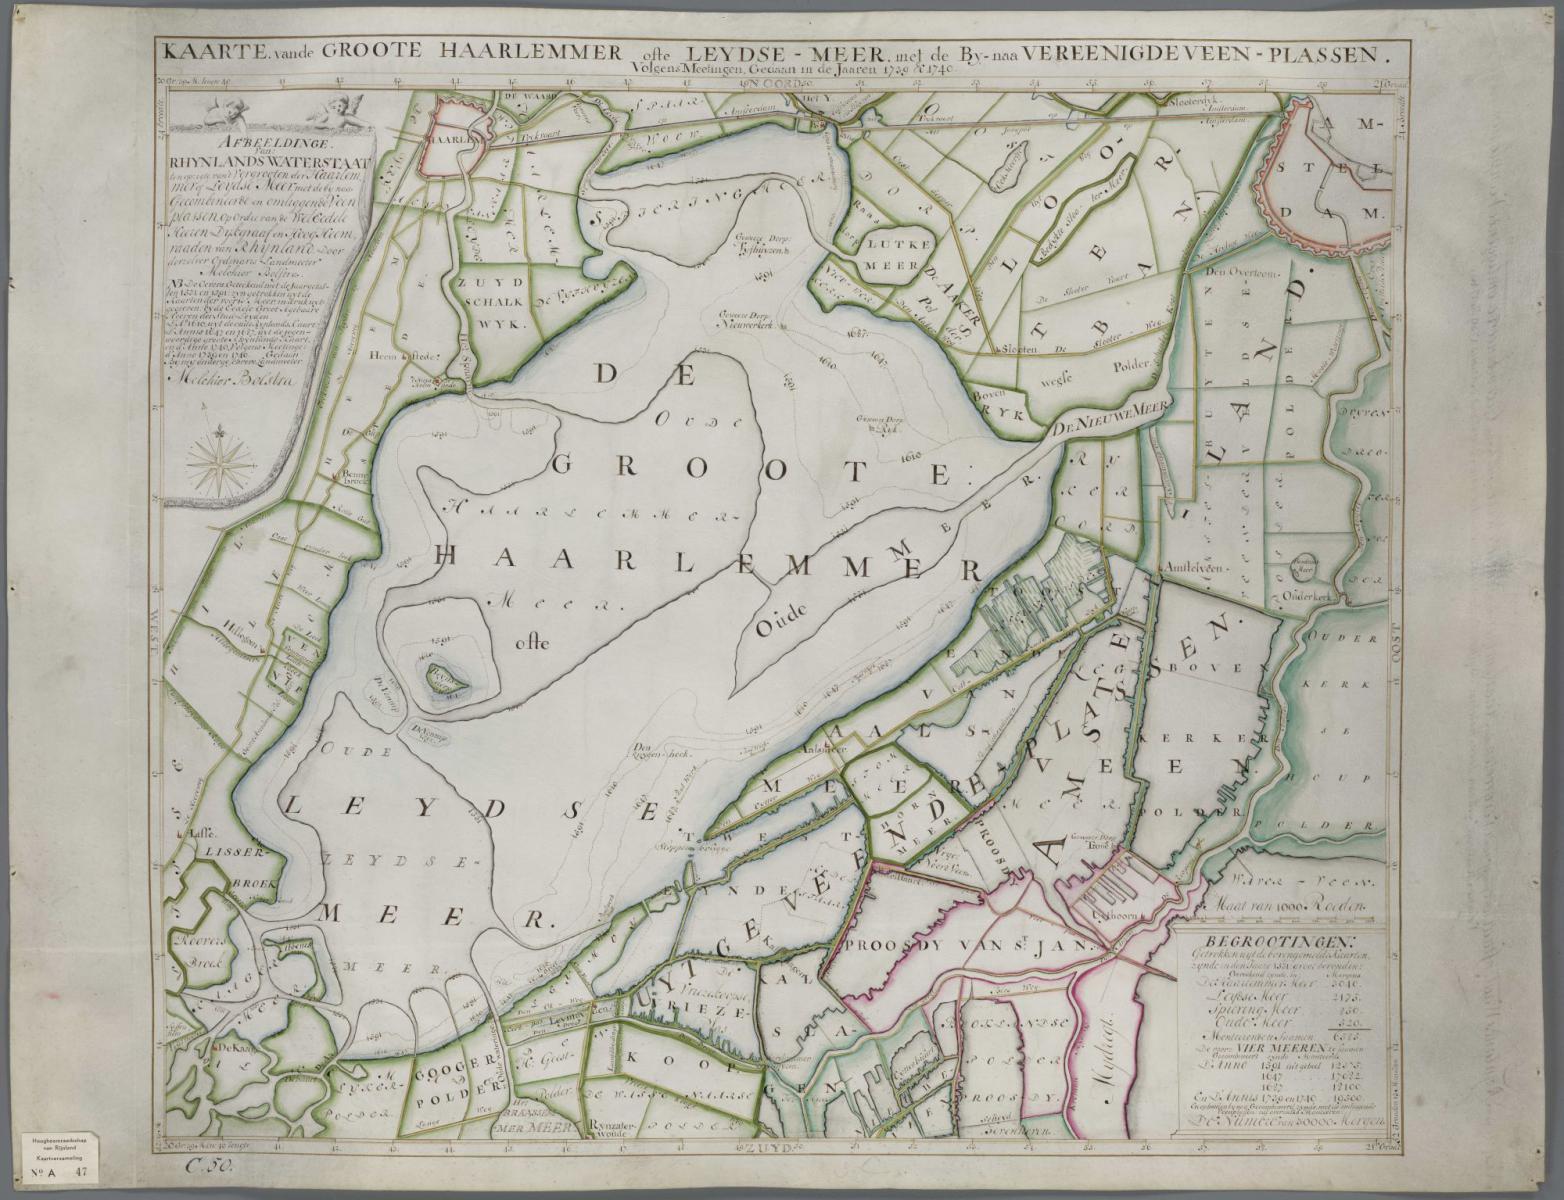 5. Bolstra Kaart Haarlemmermeer 1740